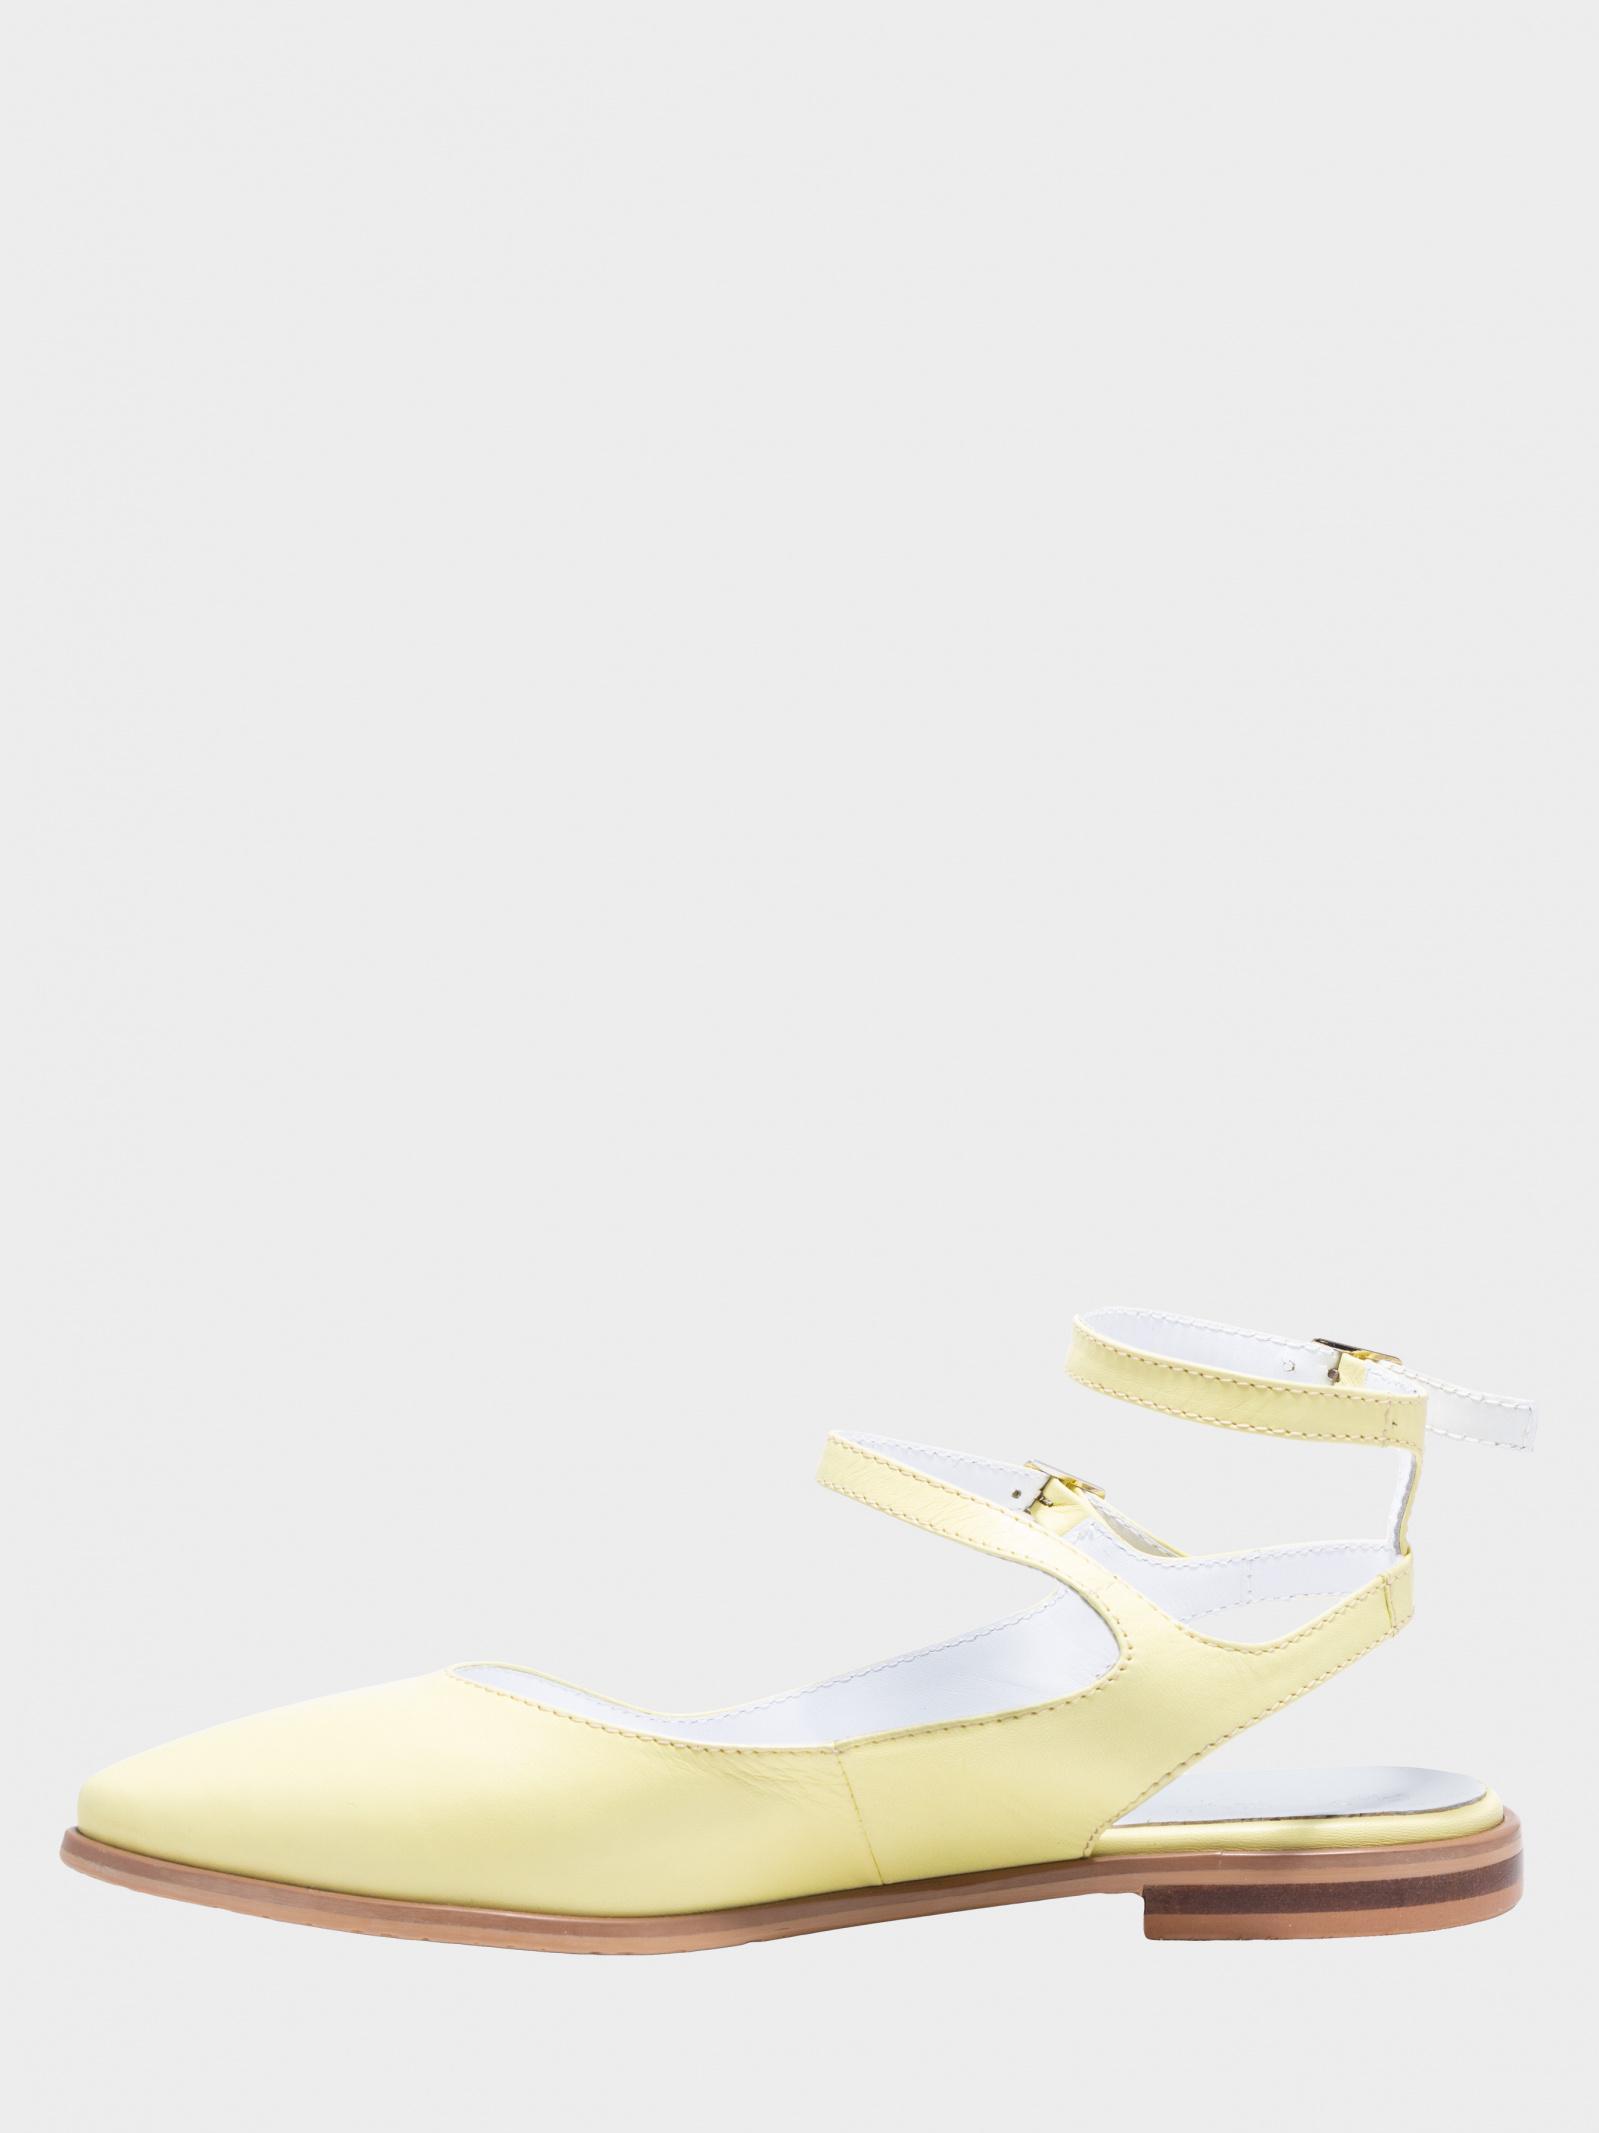 Балетки  жіночі Enzo Verratti 18-1383-2y брендове взуття, 2017